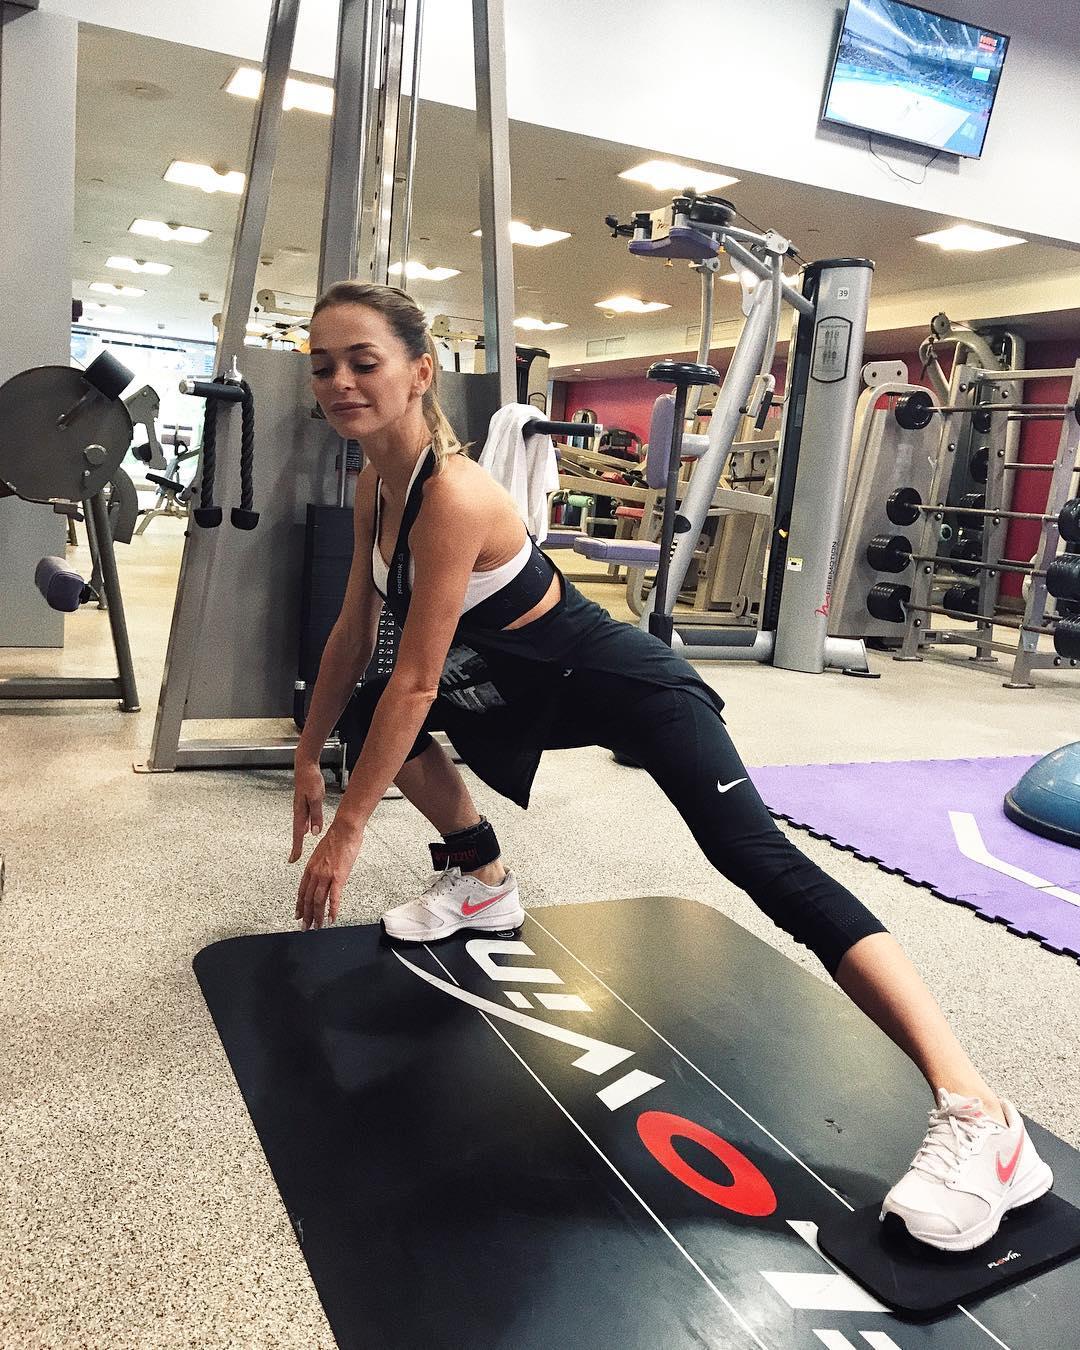 Анна Хилькевич: Физкульт, привет    и это я делала упражнение, а не просто позировала    как хорошо, что в детстве я проводила с мамой очень много времени в спортзале))) она вела тренировки, а я бегала и мешала рядом) но зато приучалась к спорту и зожу